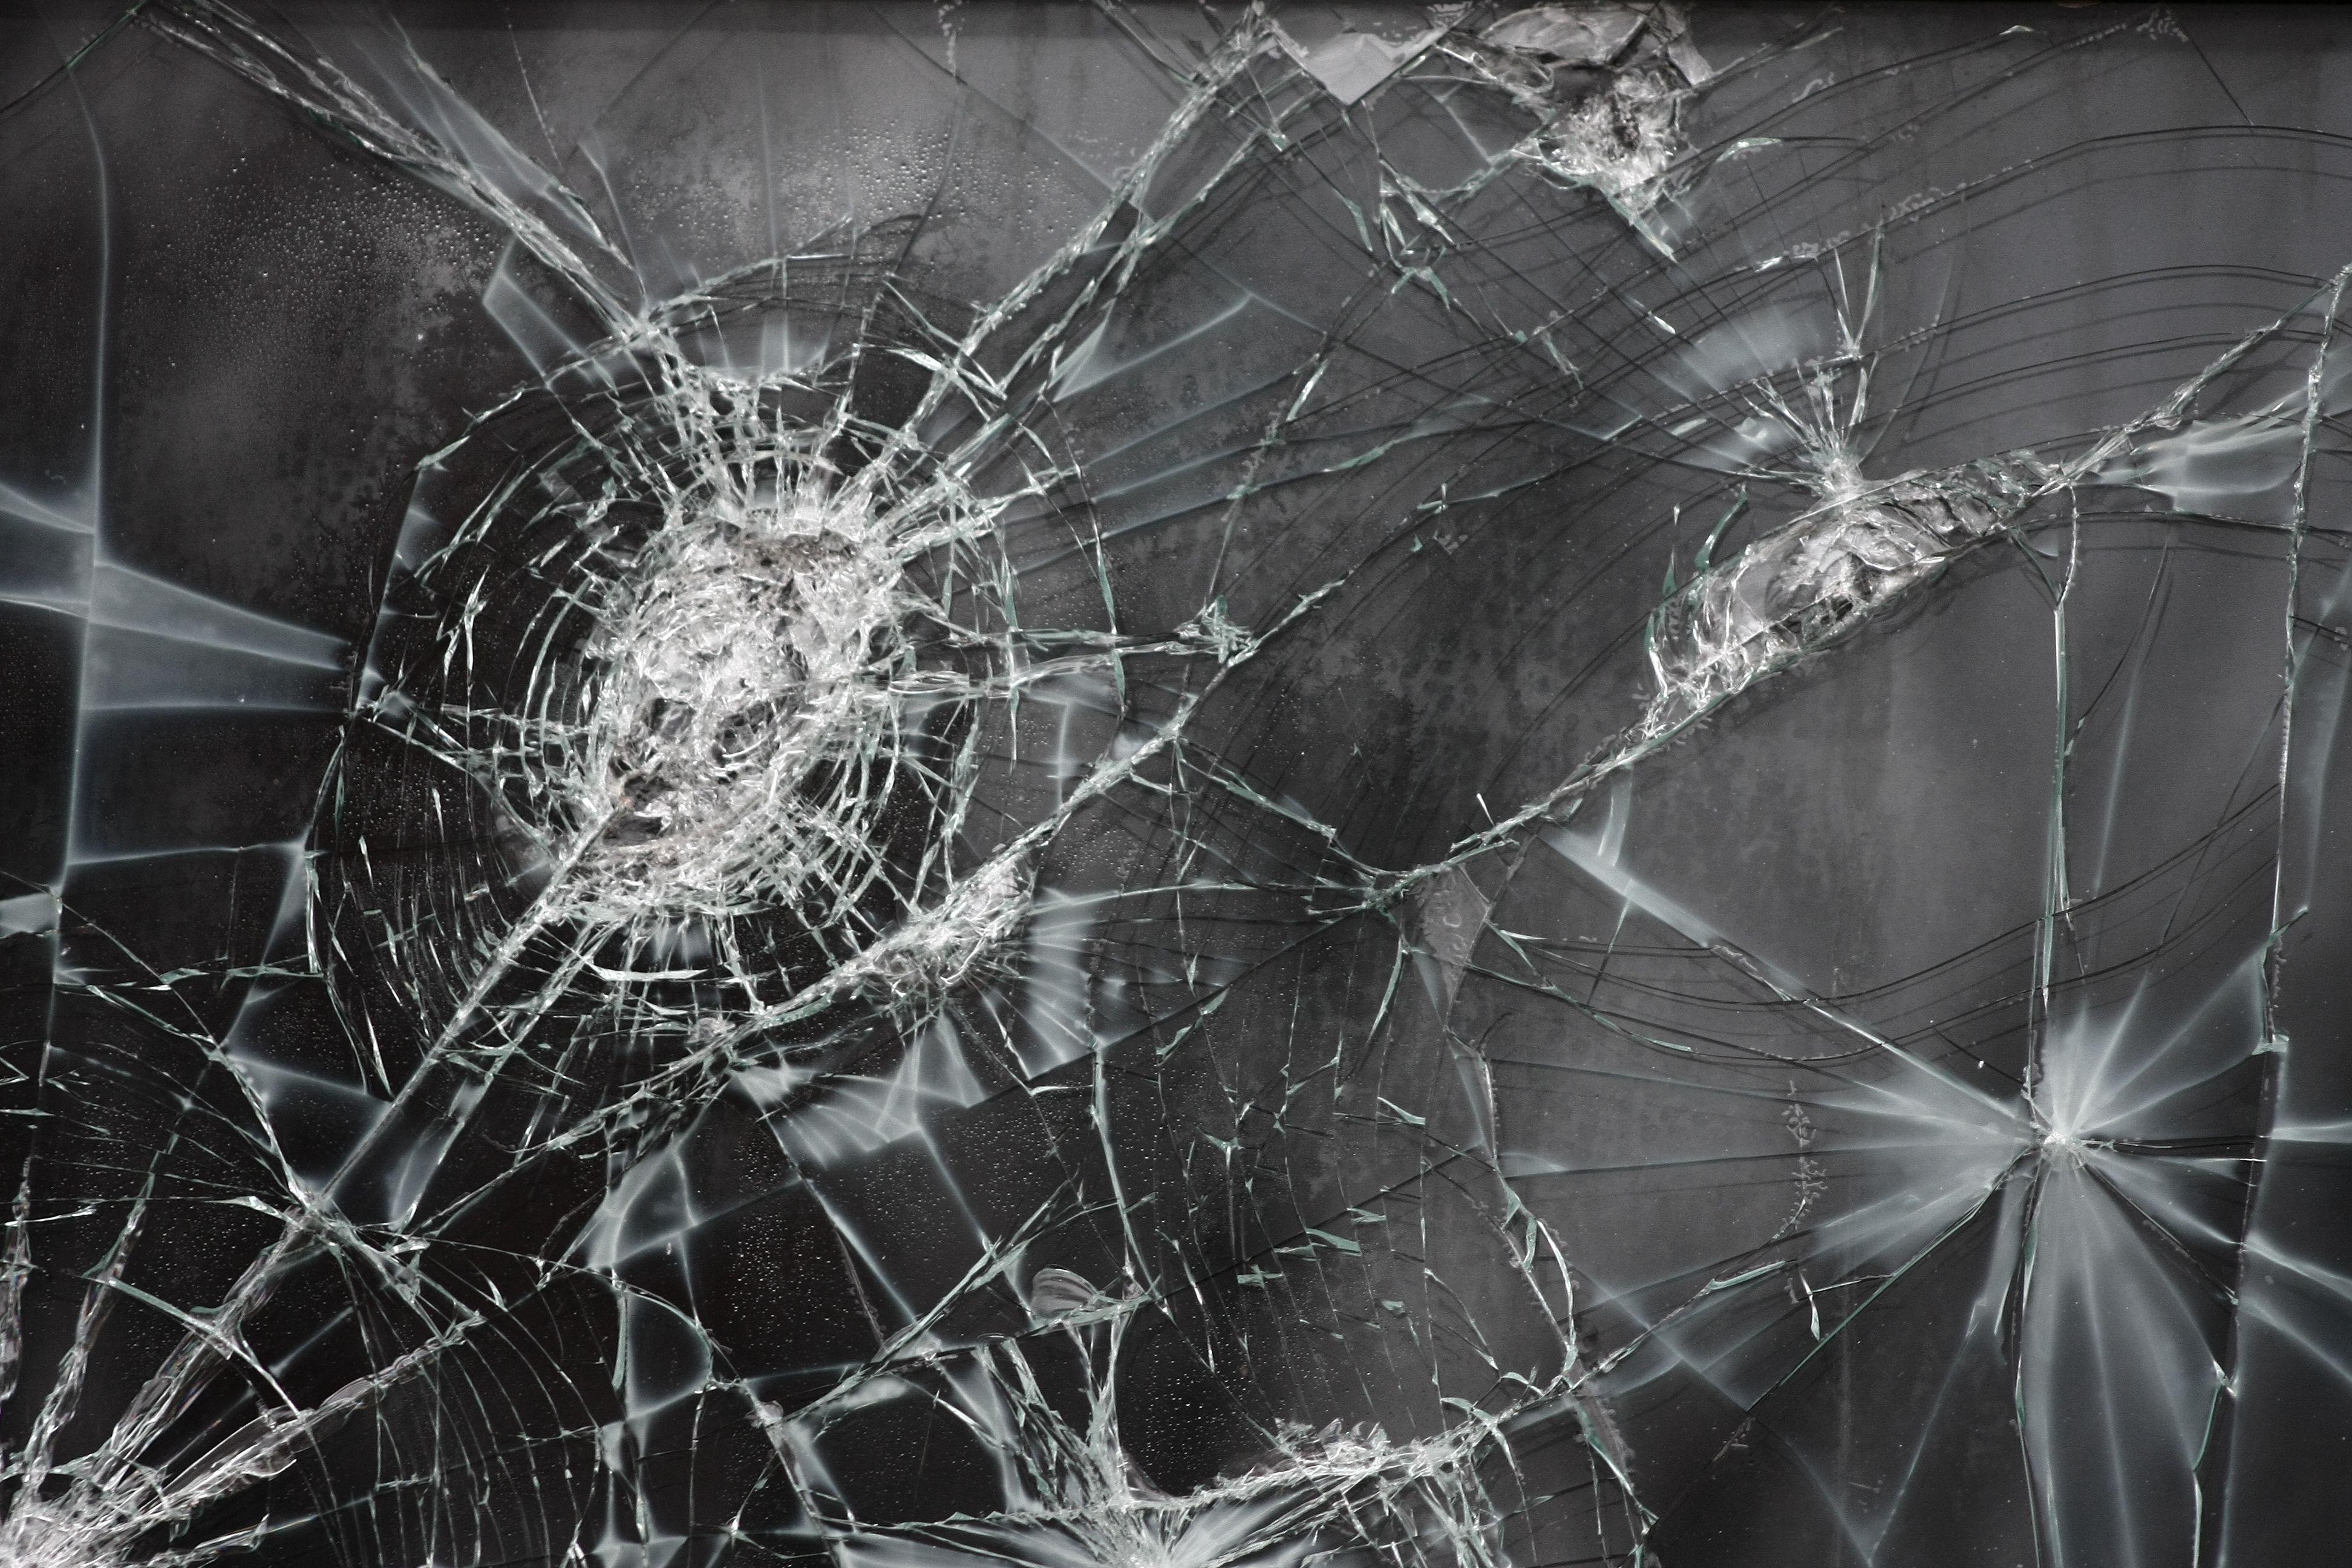 Download Wallpaper Broken Glass Cracks Texture Hd Background Broken Glass Wallpaper Glass Texture Wallpaper Backgrounds